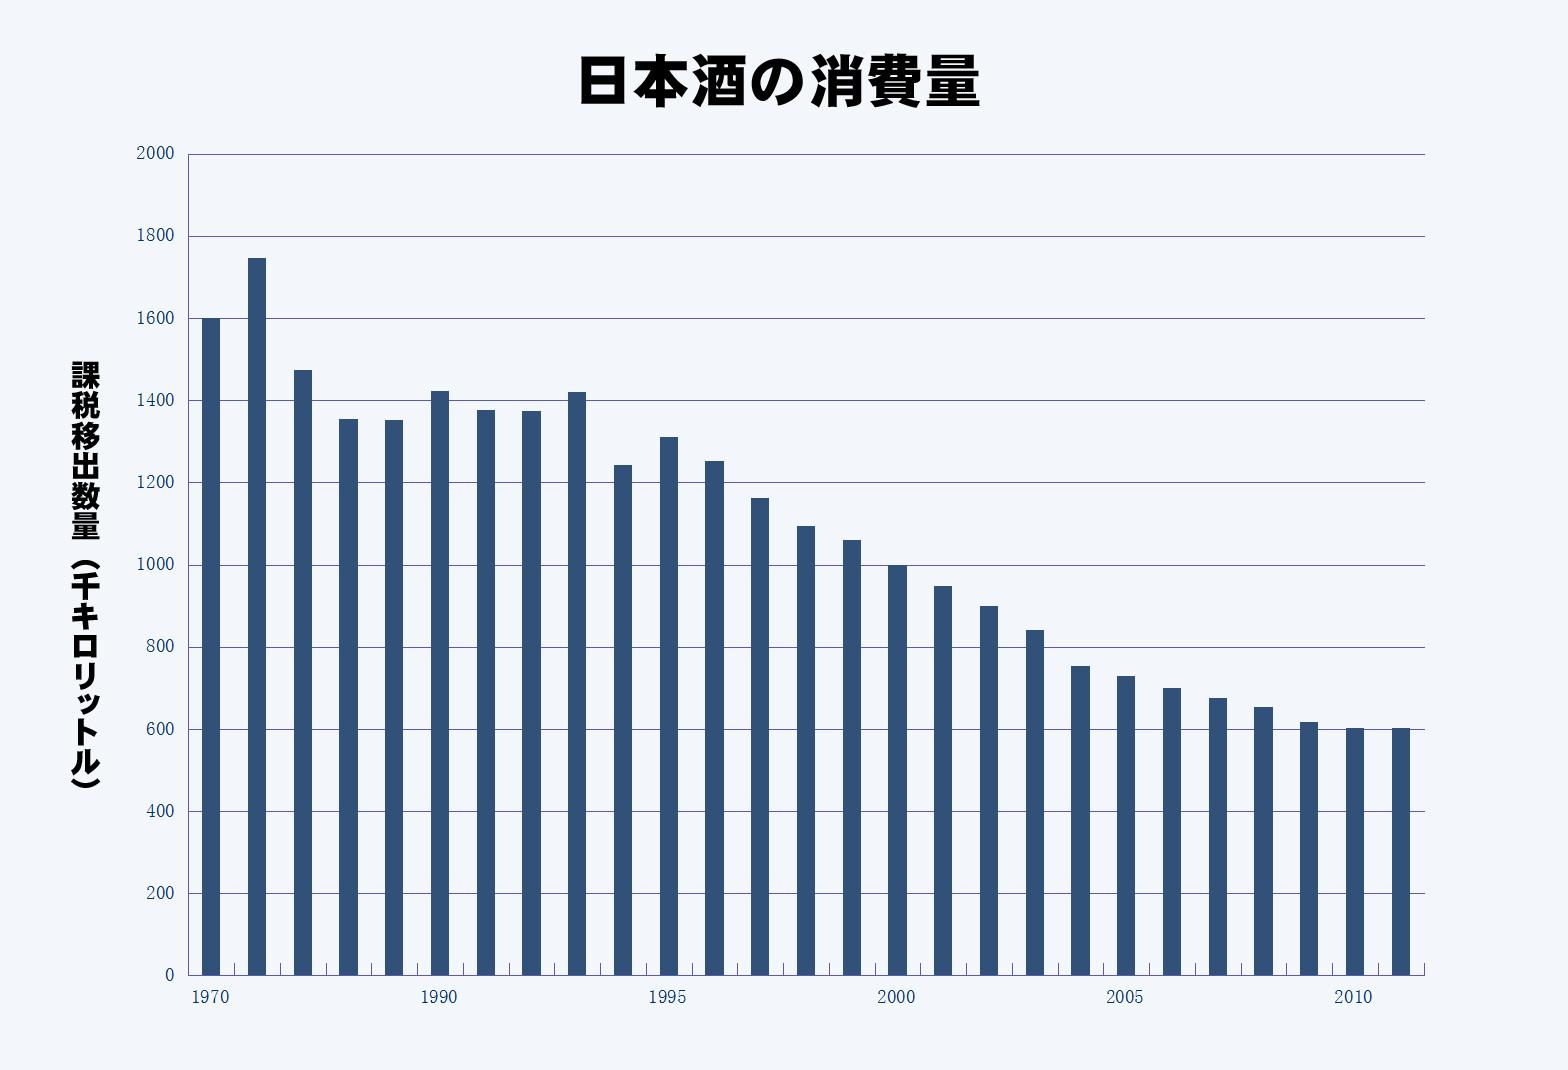 【ビギナーコラム第一回】日本酒の消費量はピーク時の65.9%もの激減!?しかし...:萩野酒造株式会社